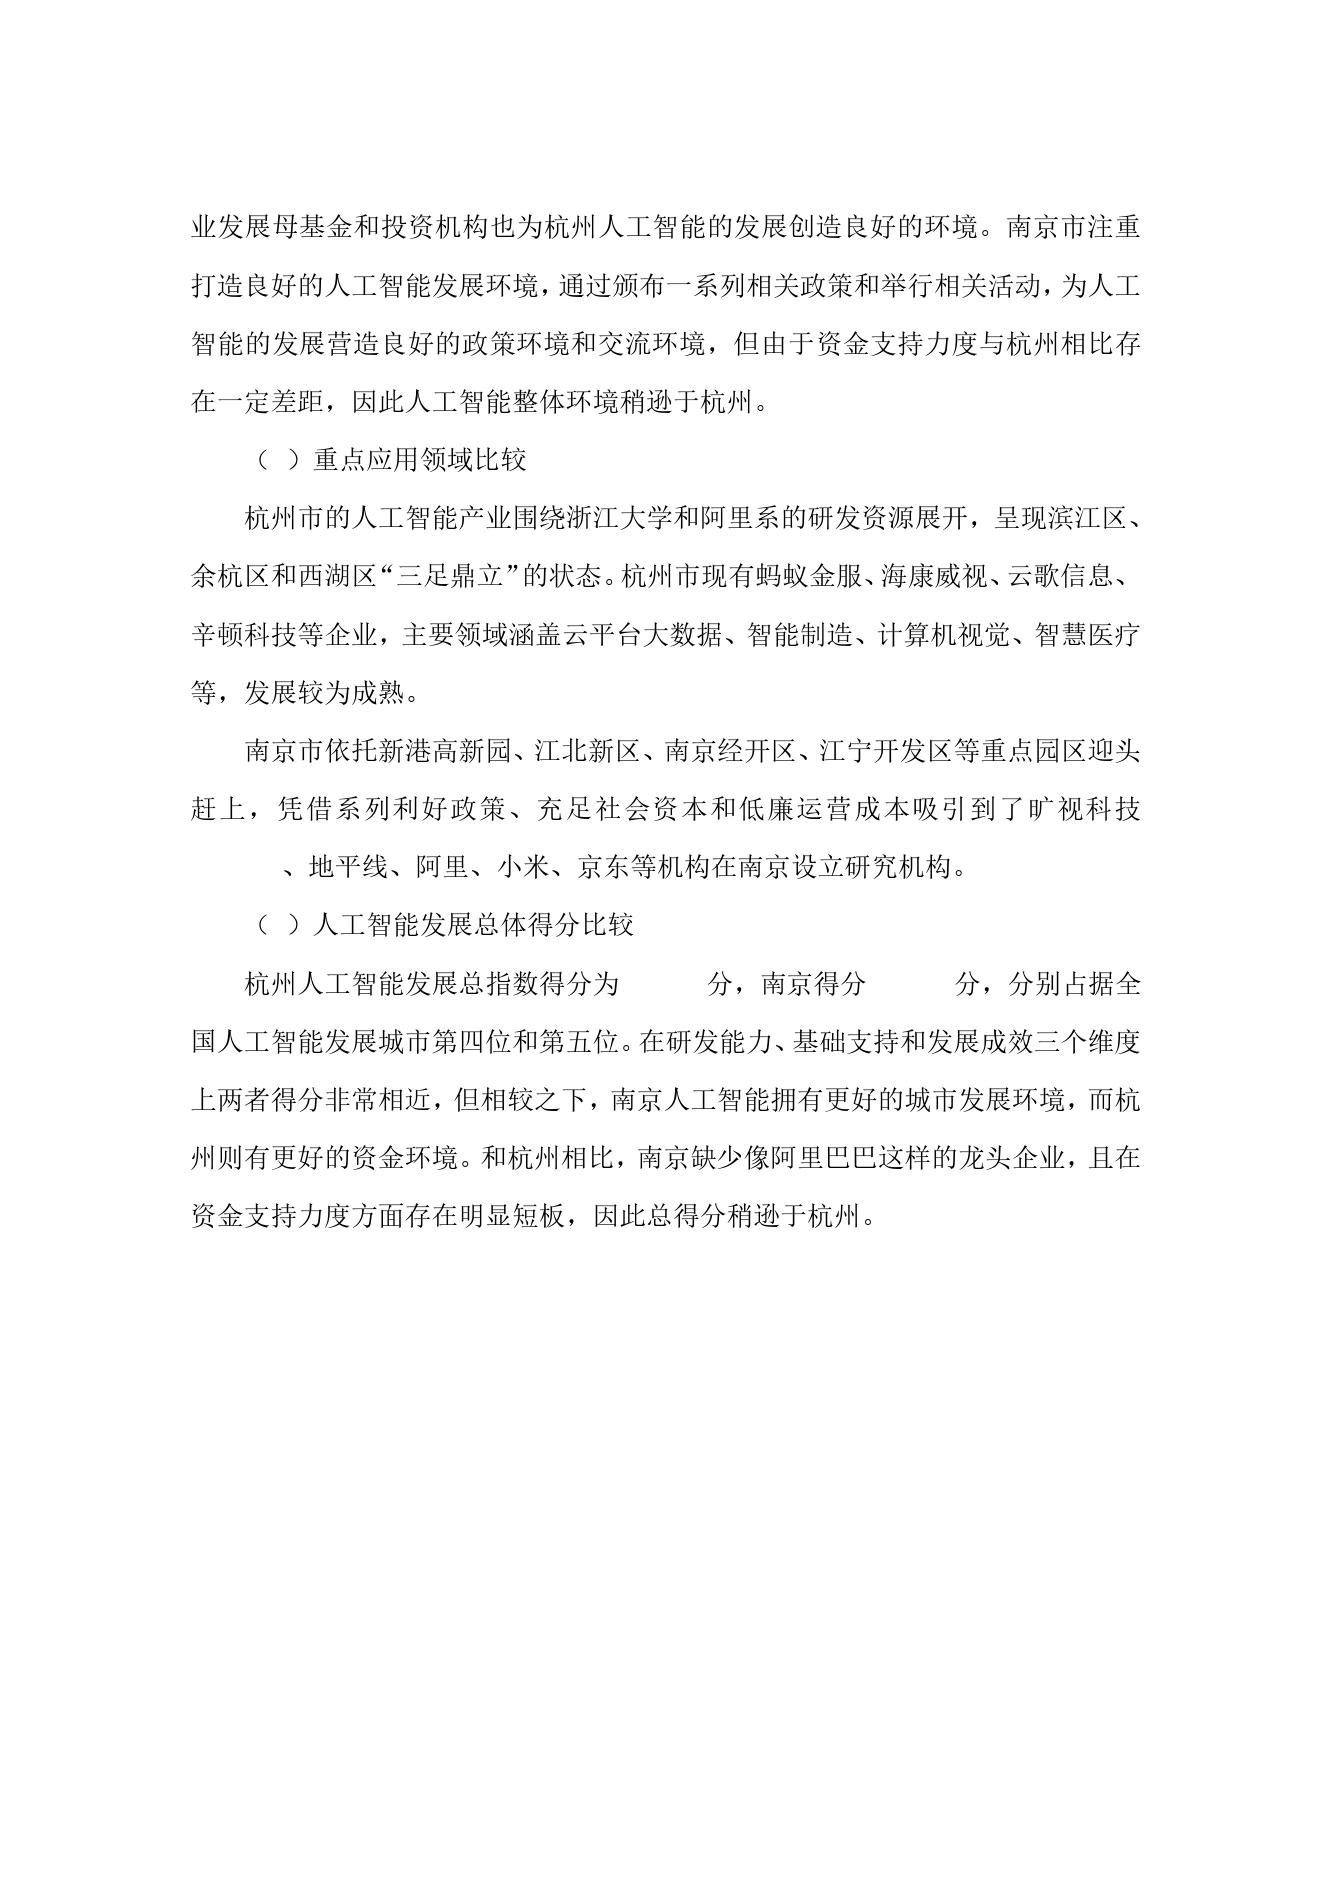 36氪研究院:2020年中国城市人工智能发展指数报告(可下载报告)插图(77)